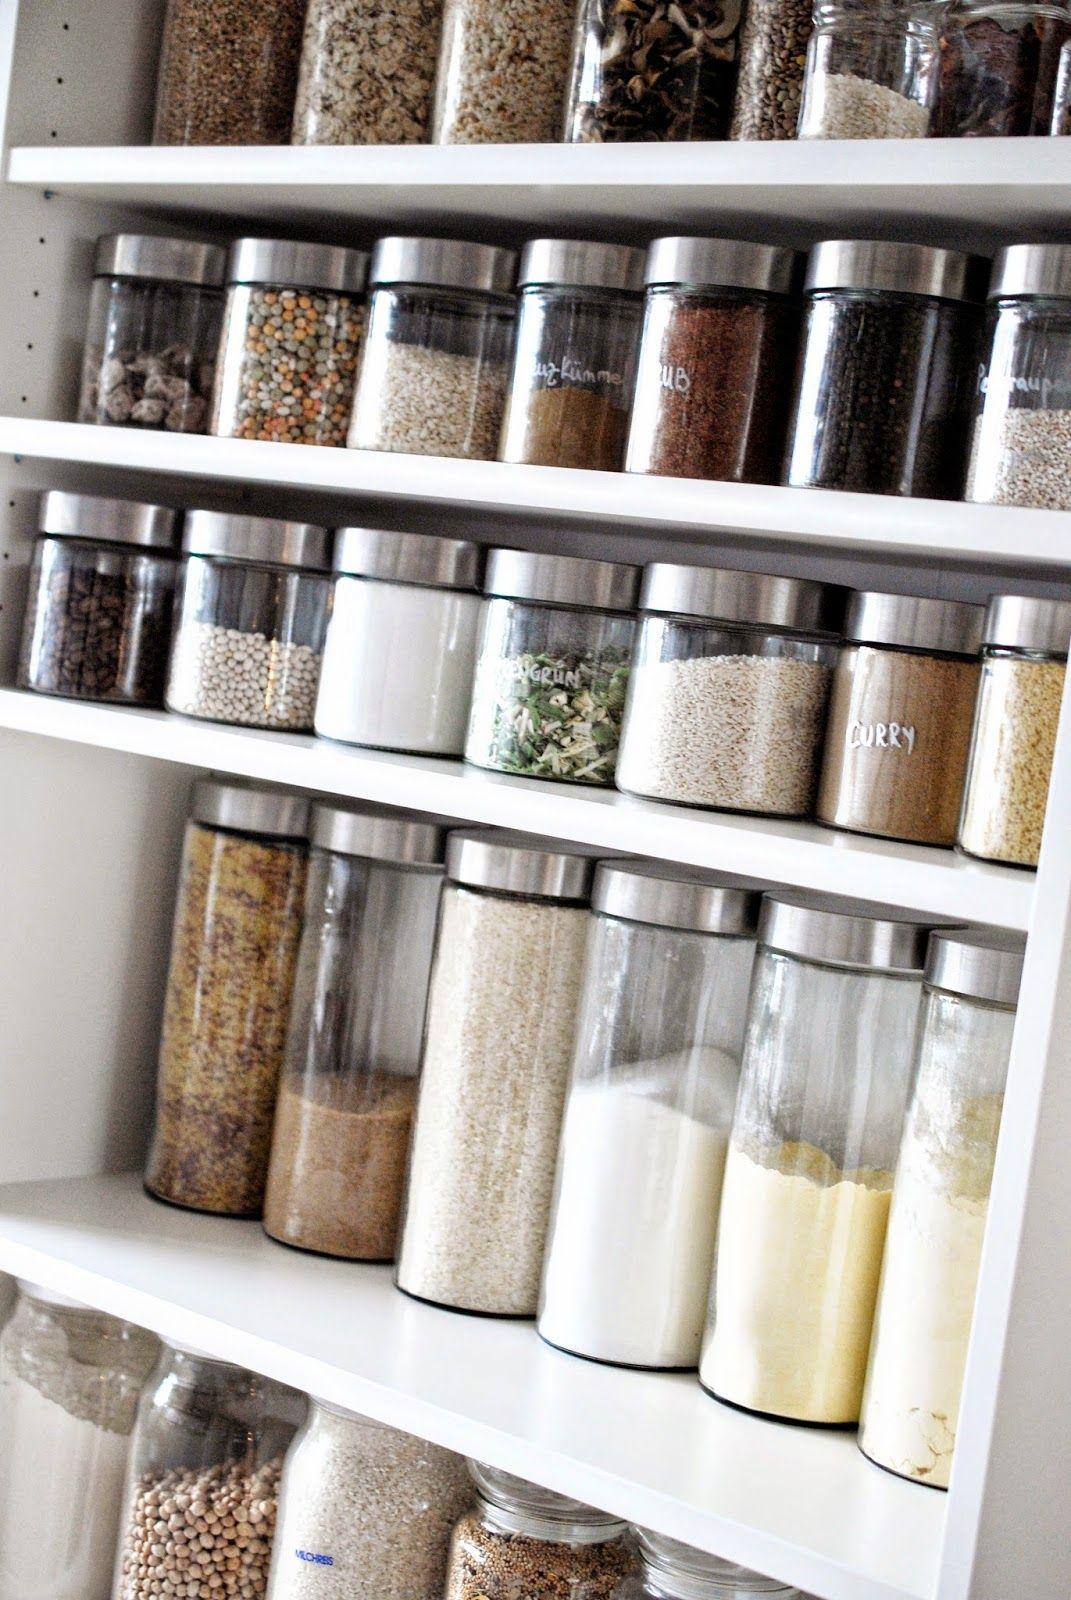 Full Size of Aufbewahrungsbehälter Küche Kaufen Aufbewahrungsbehälter Küchenutensilien Aufbewahrungsbehälter Küche Ikea Aufbewahrungsbehälter Küche Glas Küche Aufbewahrungsbehälter Küche